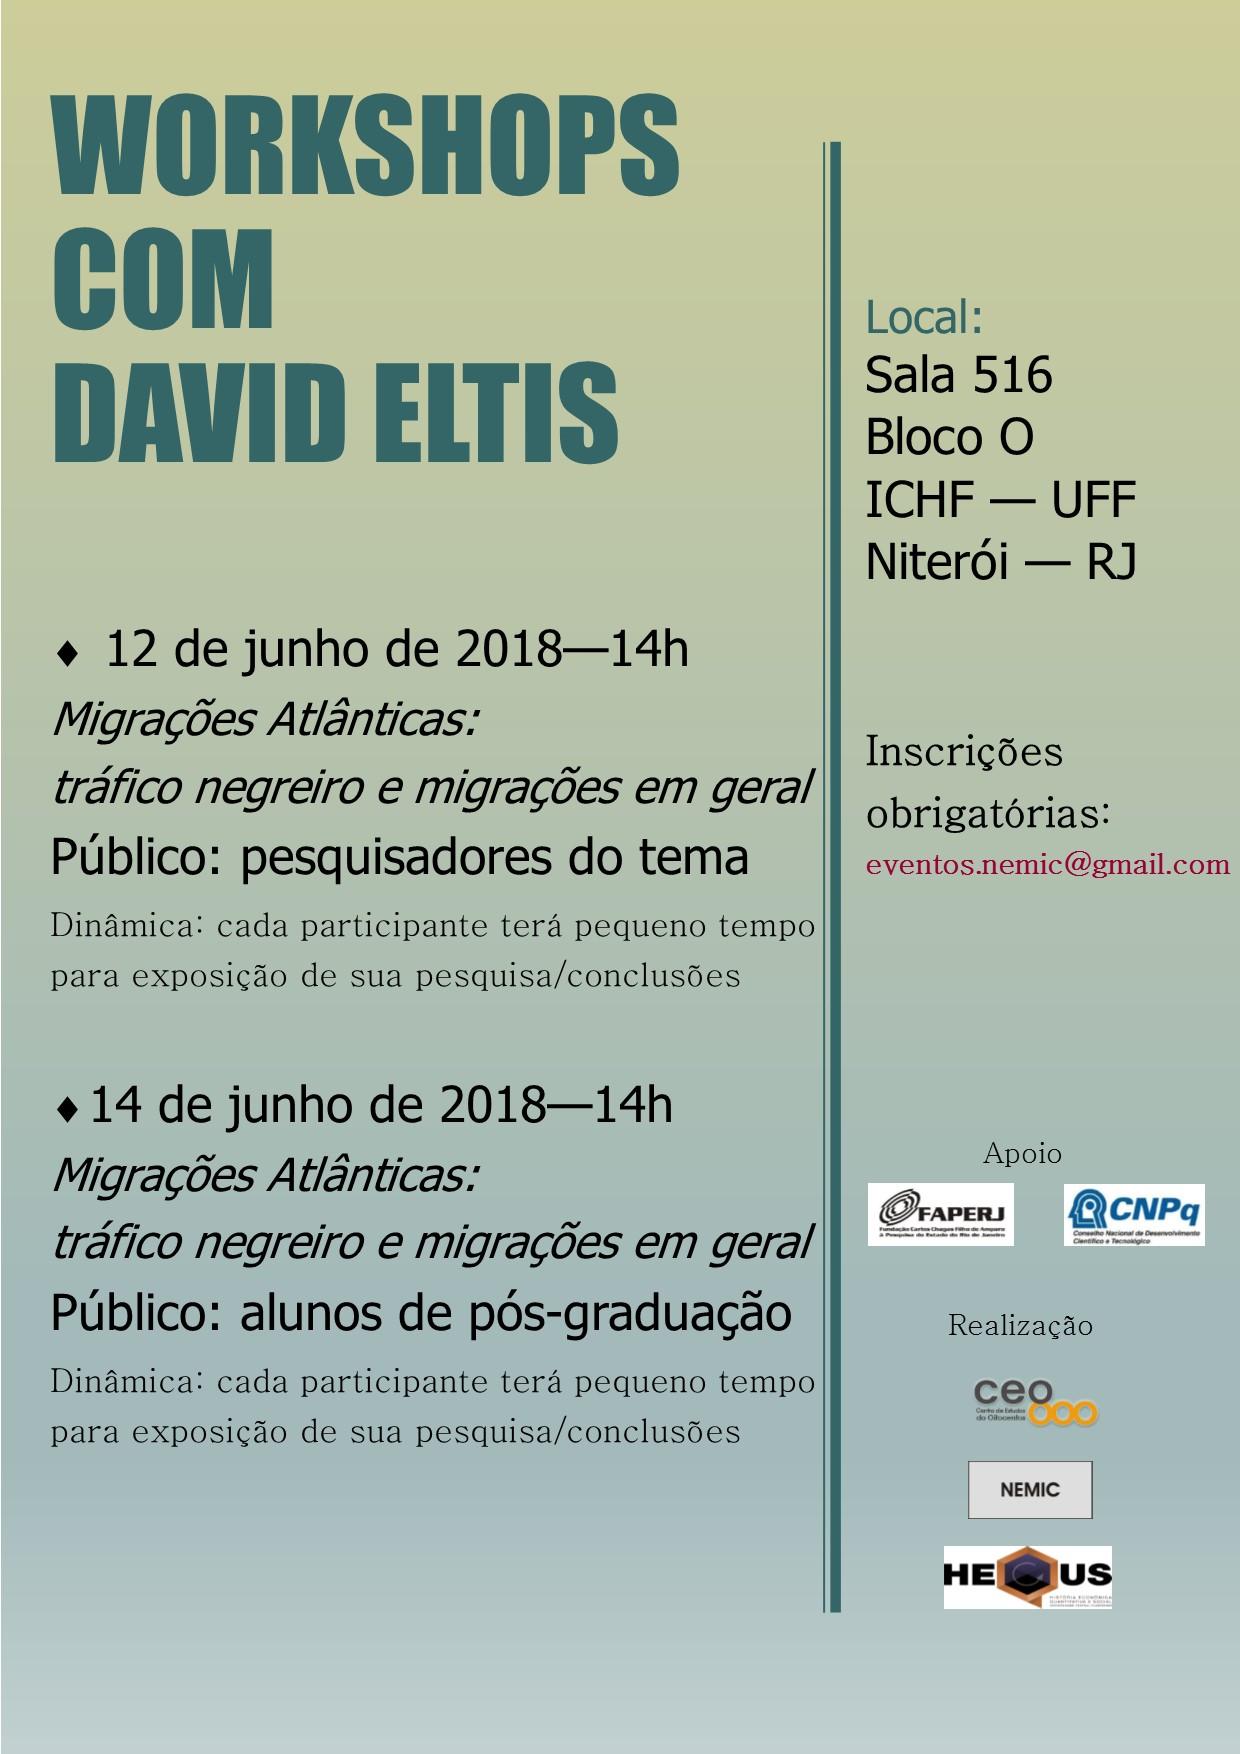 Workshop com pesquisadores do tema Migrações Atlânticas: Tráfico negreiro e migrações em geral